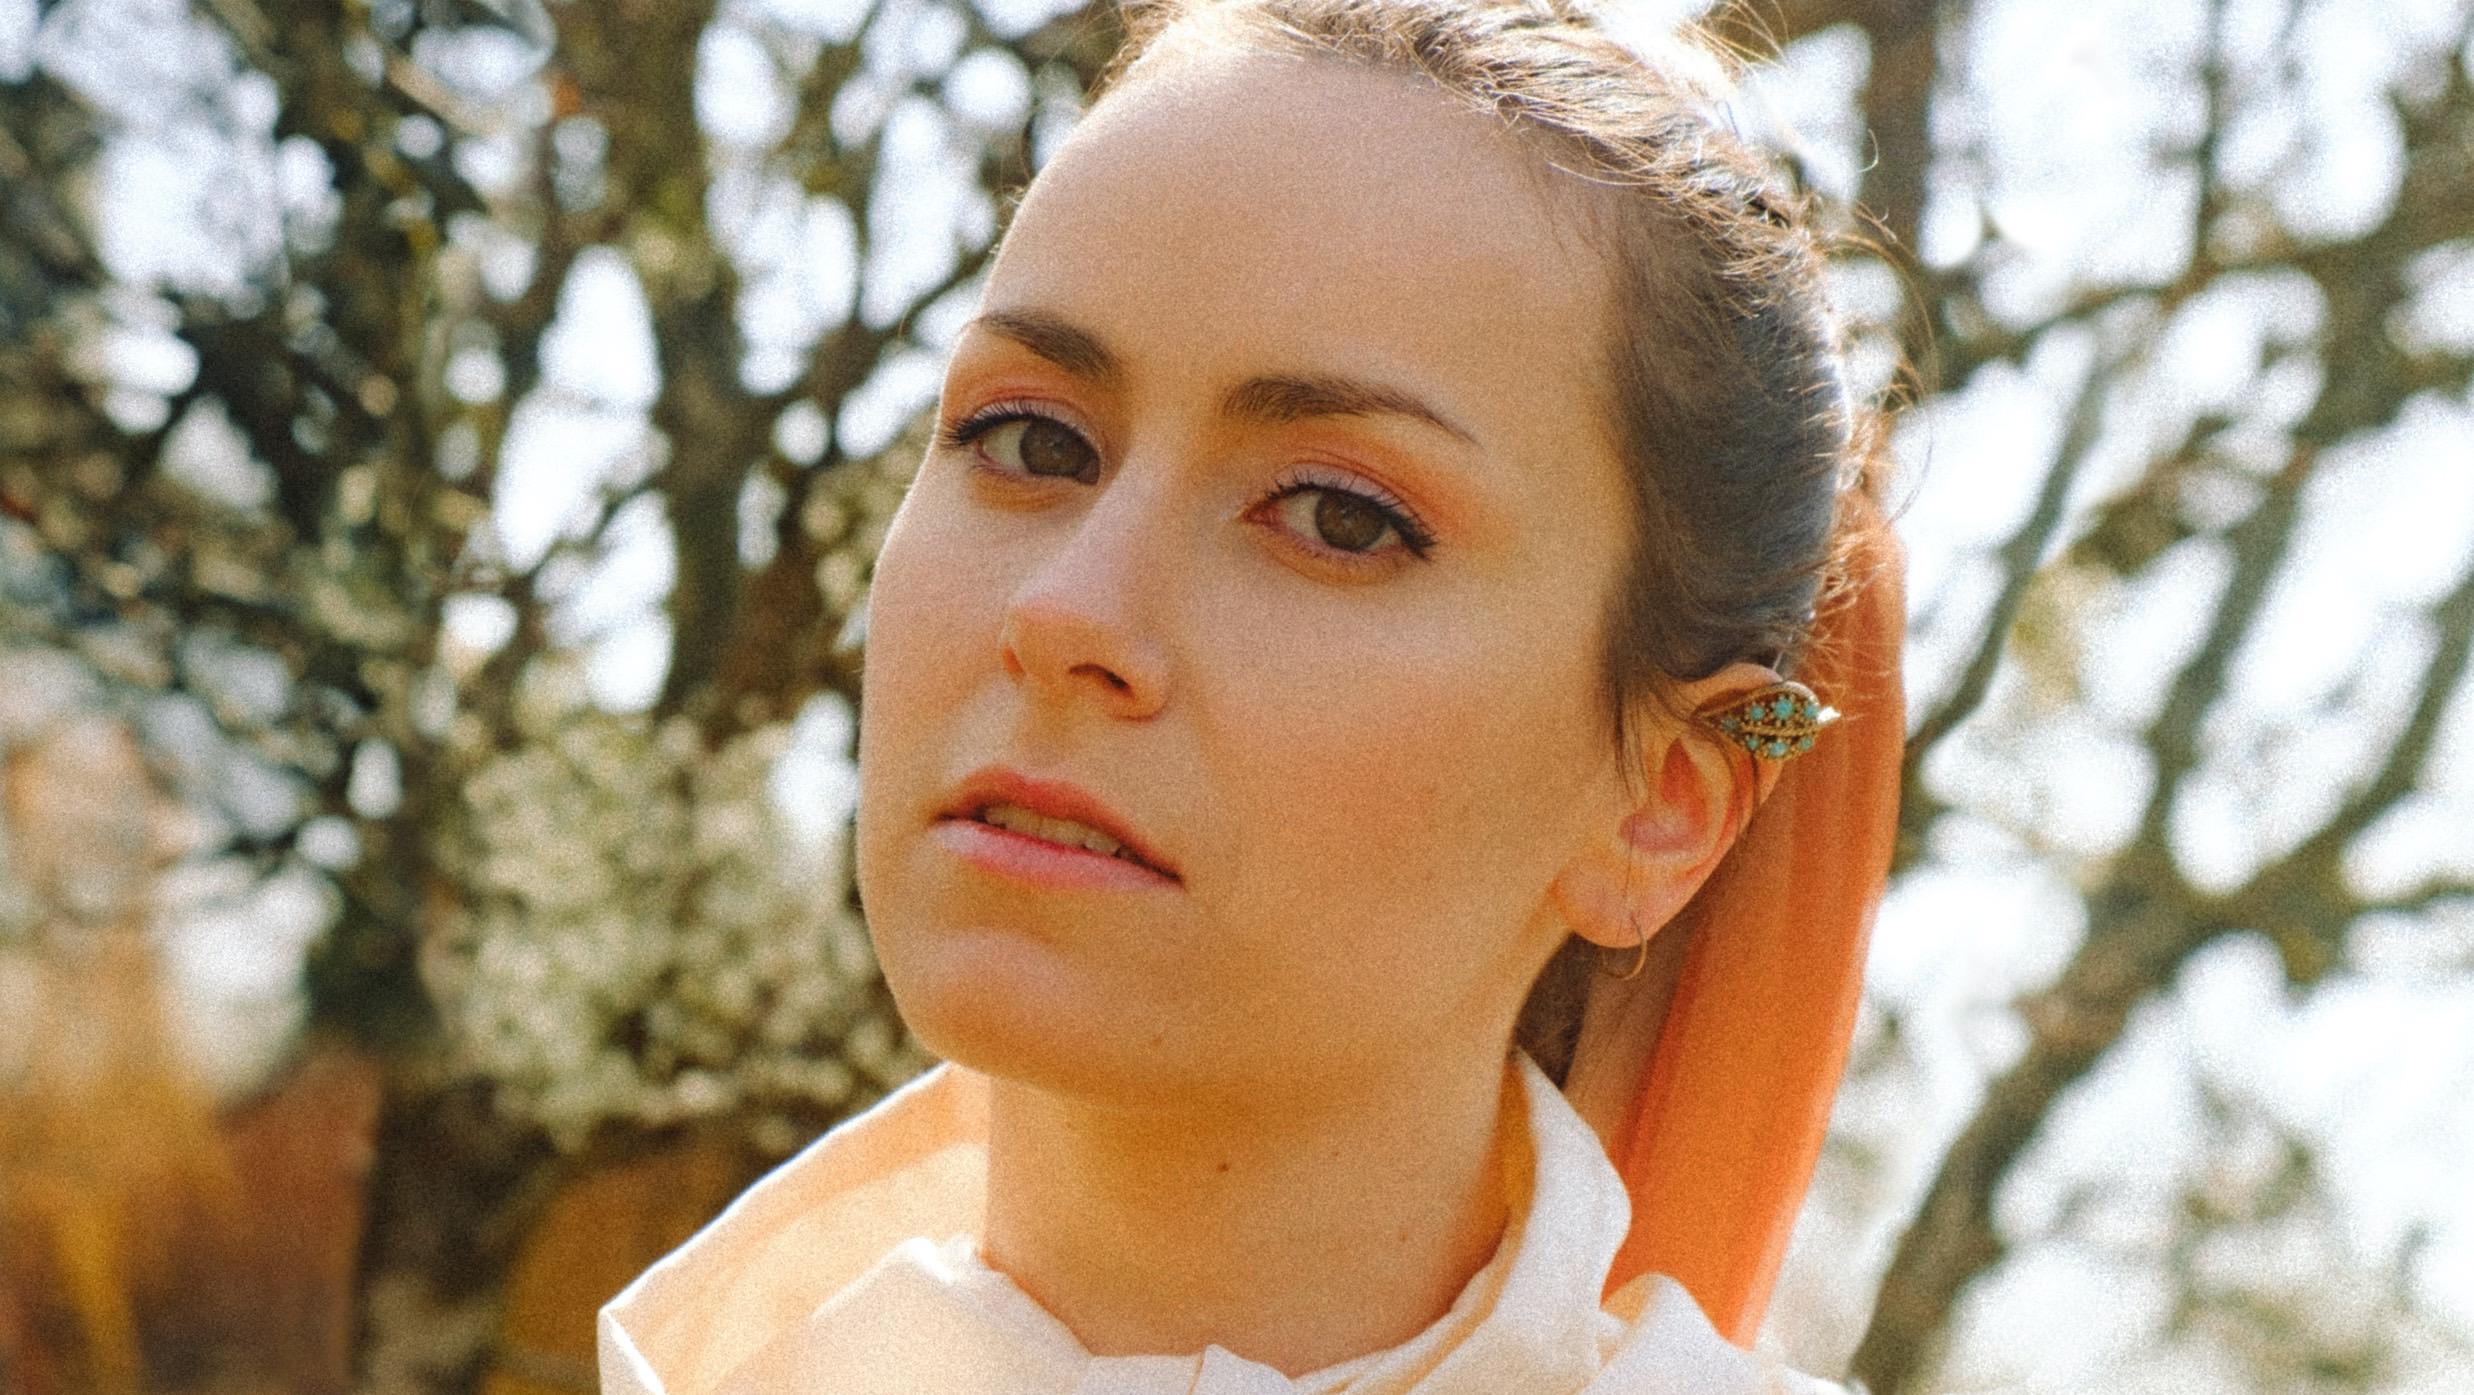 Nærbilde av artisten Iris, som står utandørs og ser i kamera.